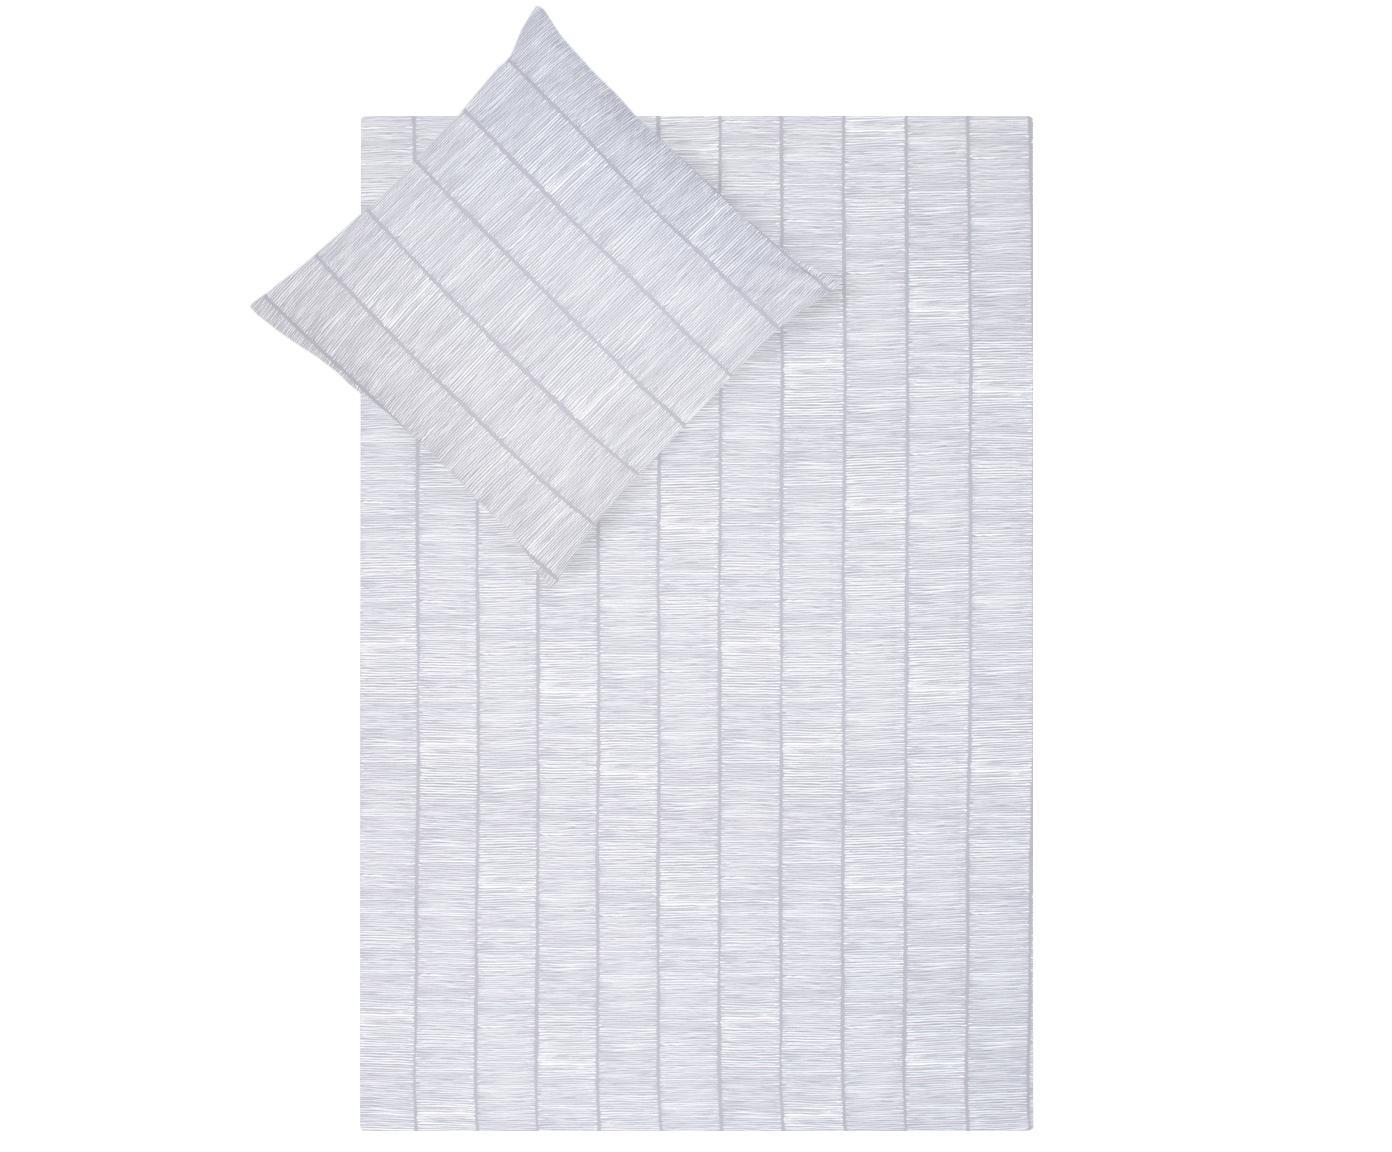 Gemusterte Baumwoll-Bettwäsche Paulina, Webart: Renforcé Fadendichte 144 , Grau, Weiß, 240 x 220 cm + 2 Kissen 80 x 80 cm